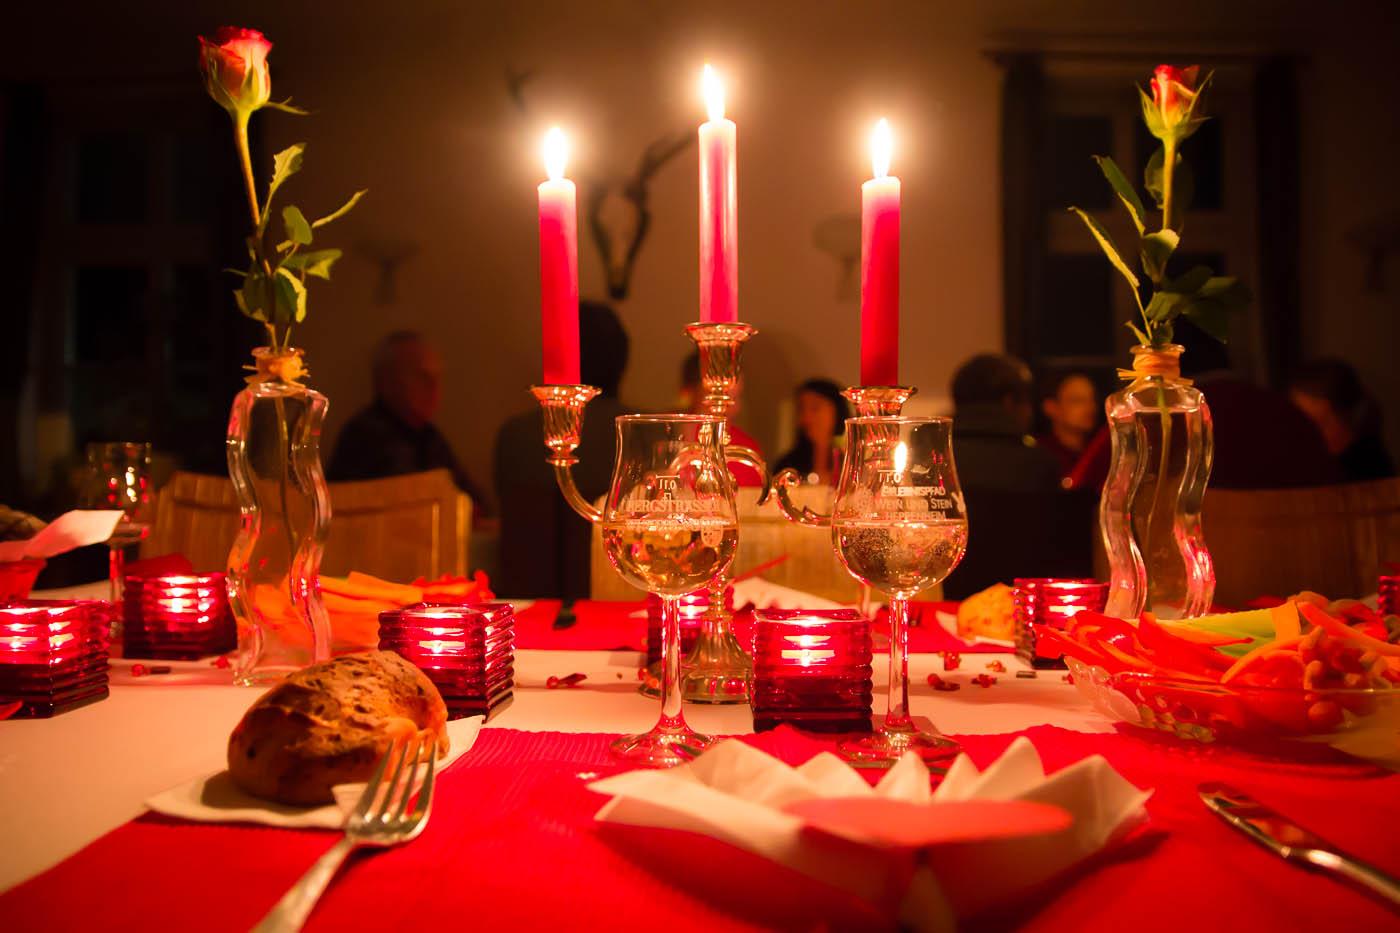 Romantische Weinprobe in Bensheim am Valentinstag